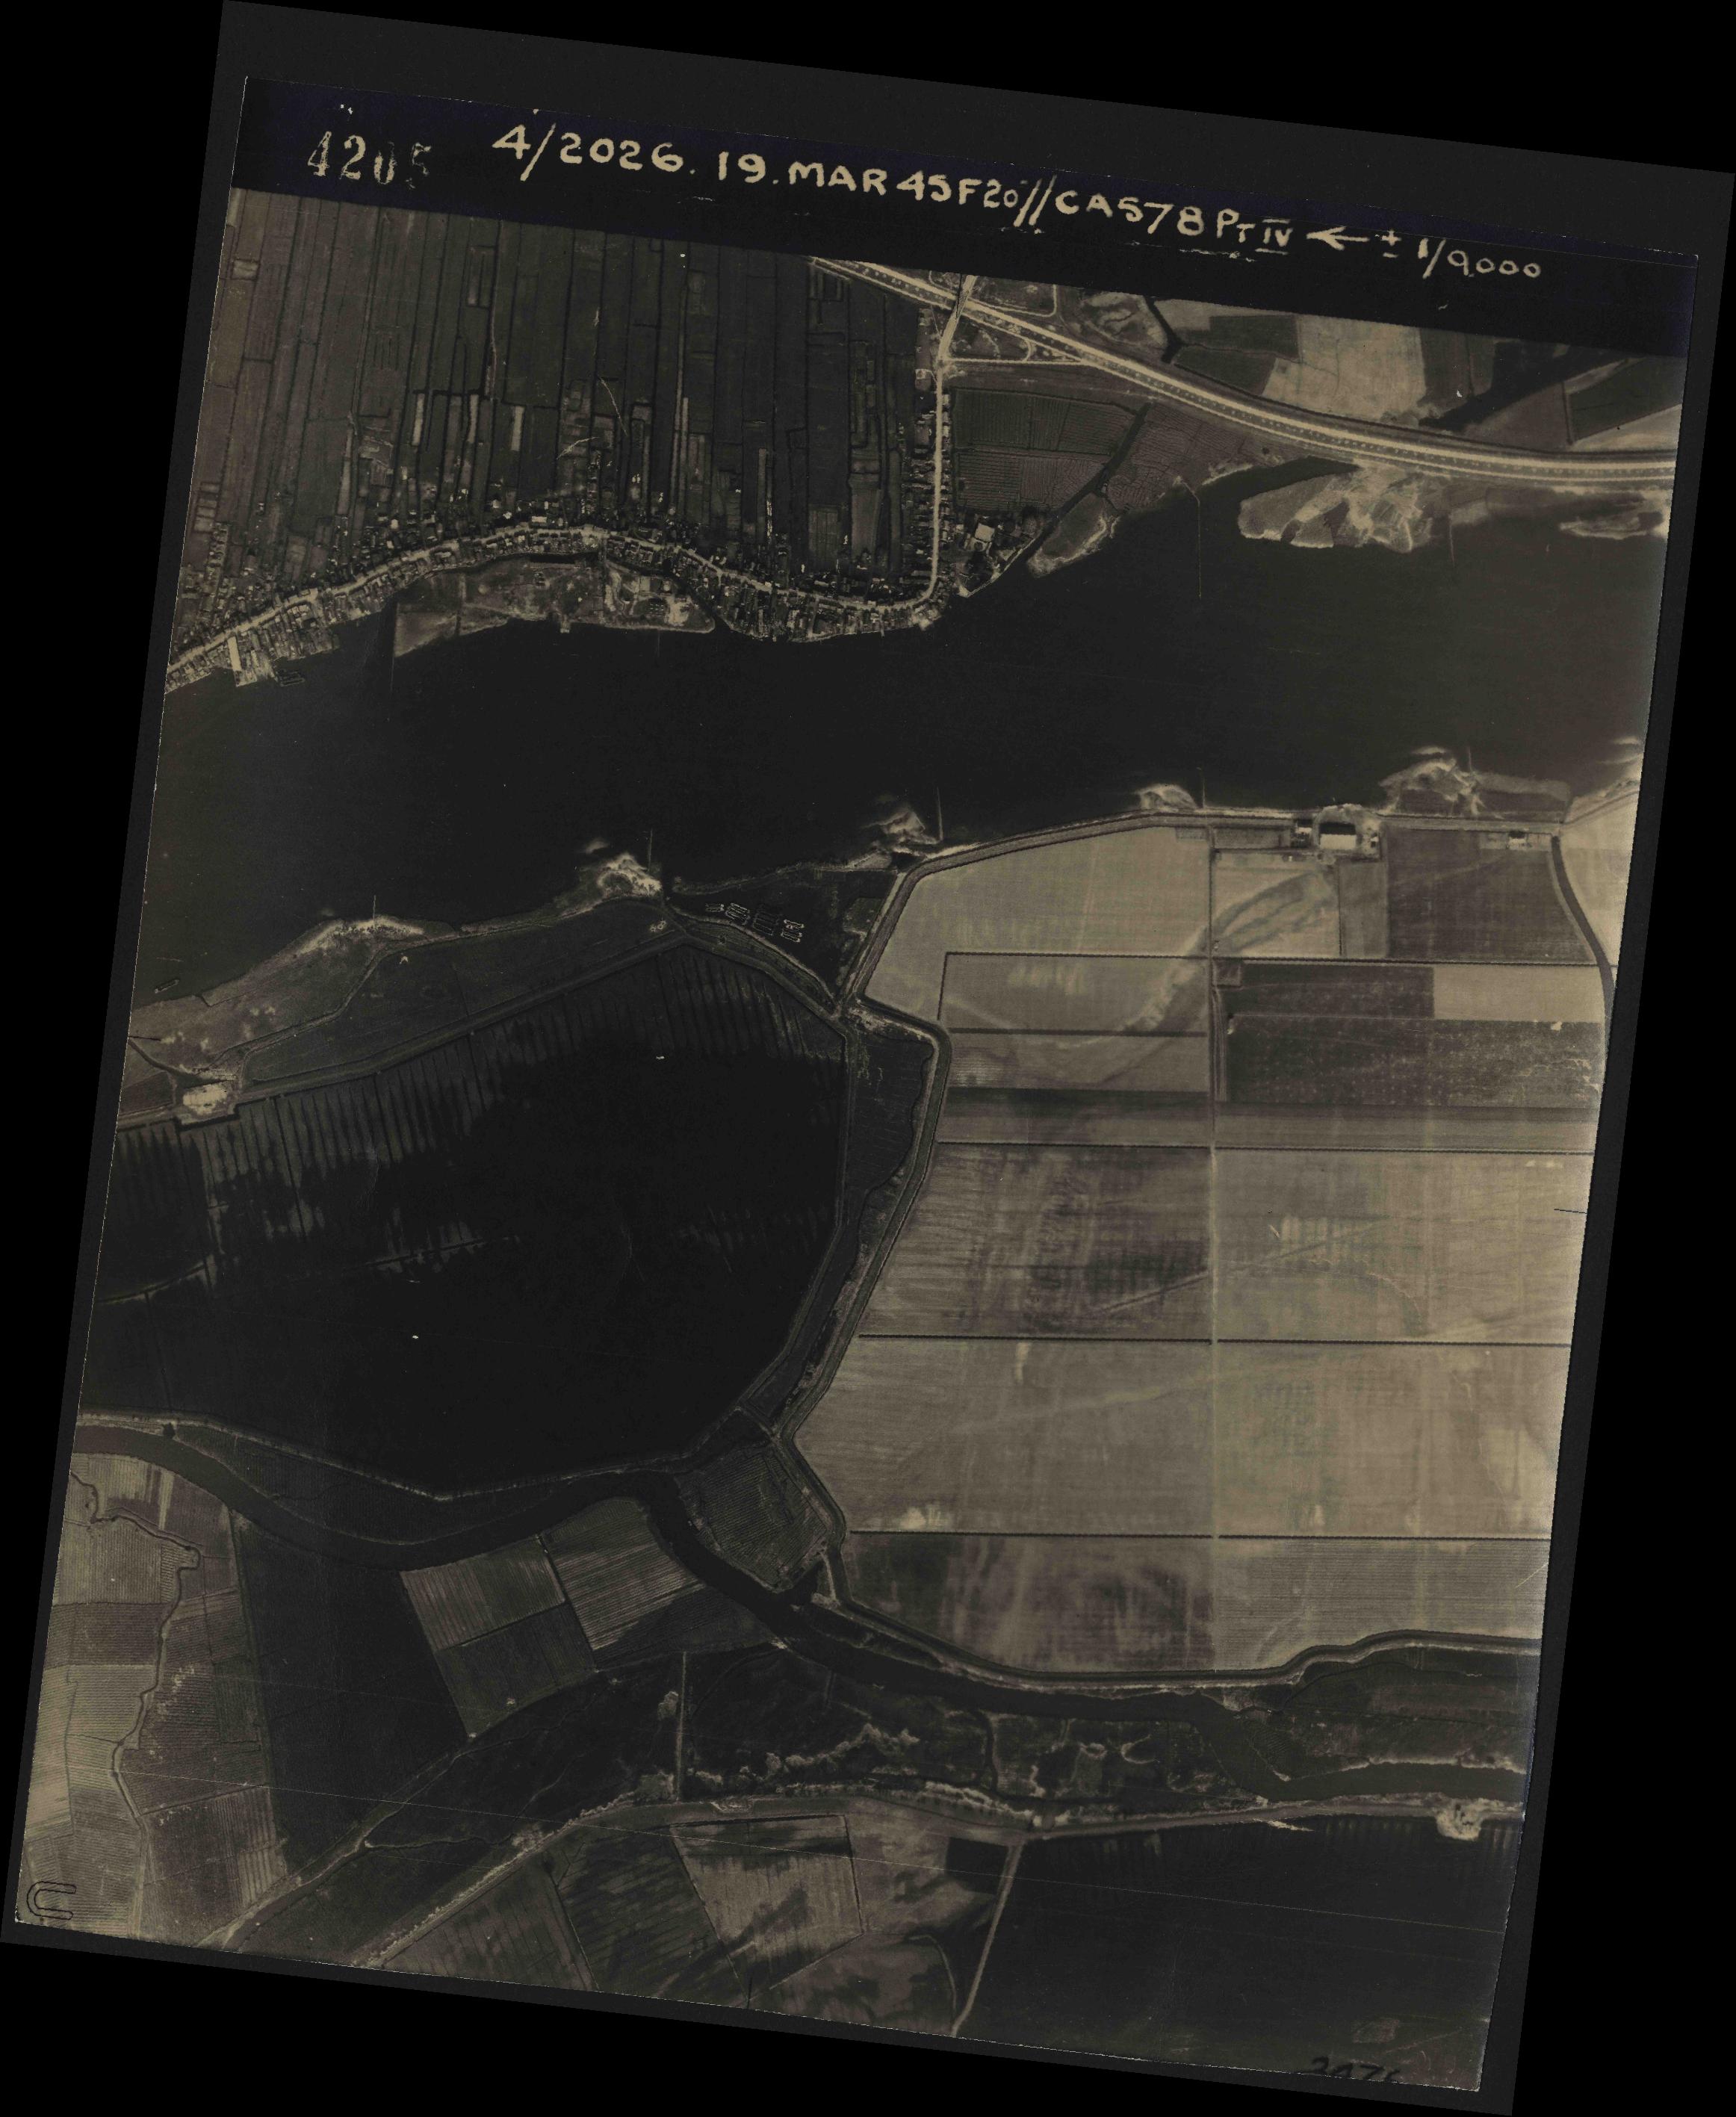 Collection RAF aerial photos 1940-1945 - flight 012, run 06, photo 4205